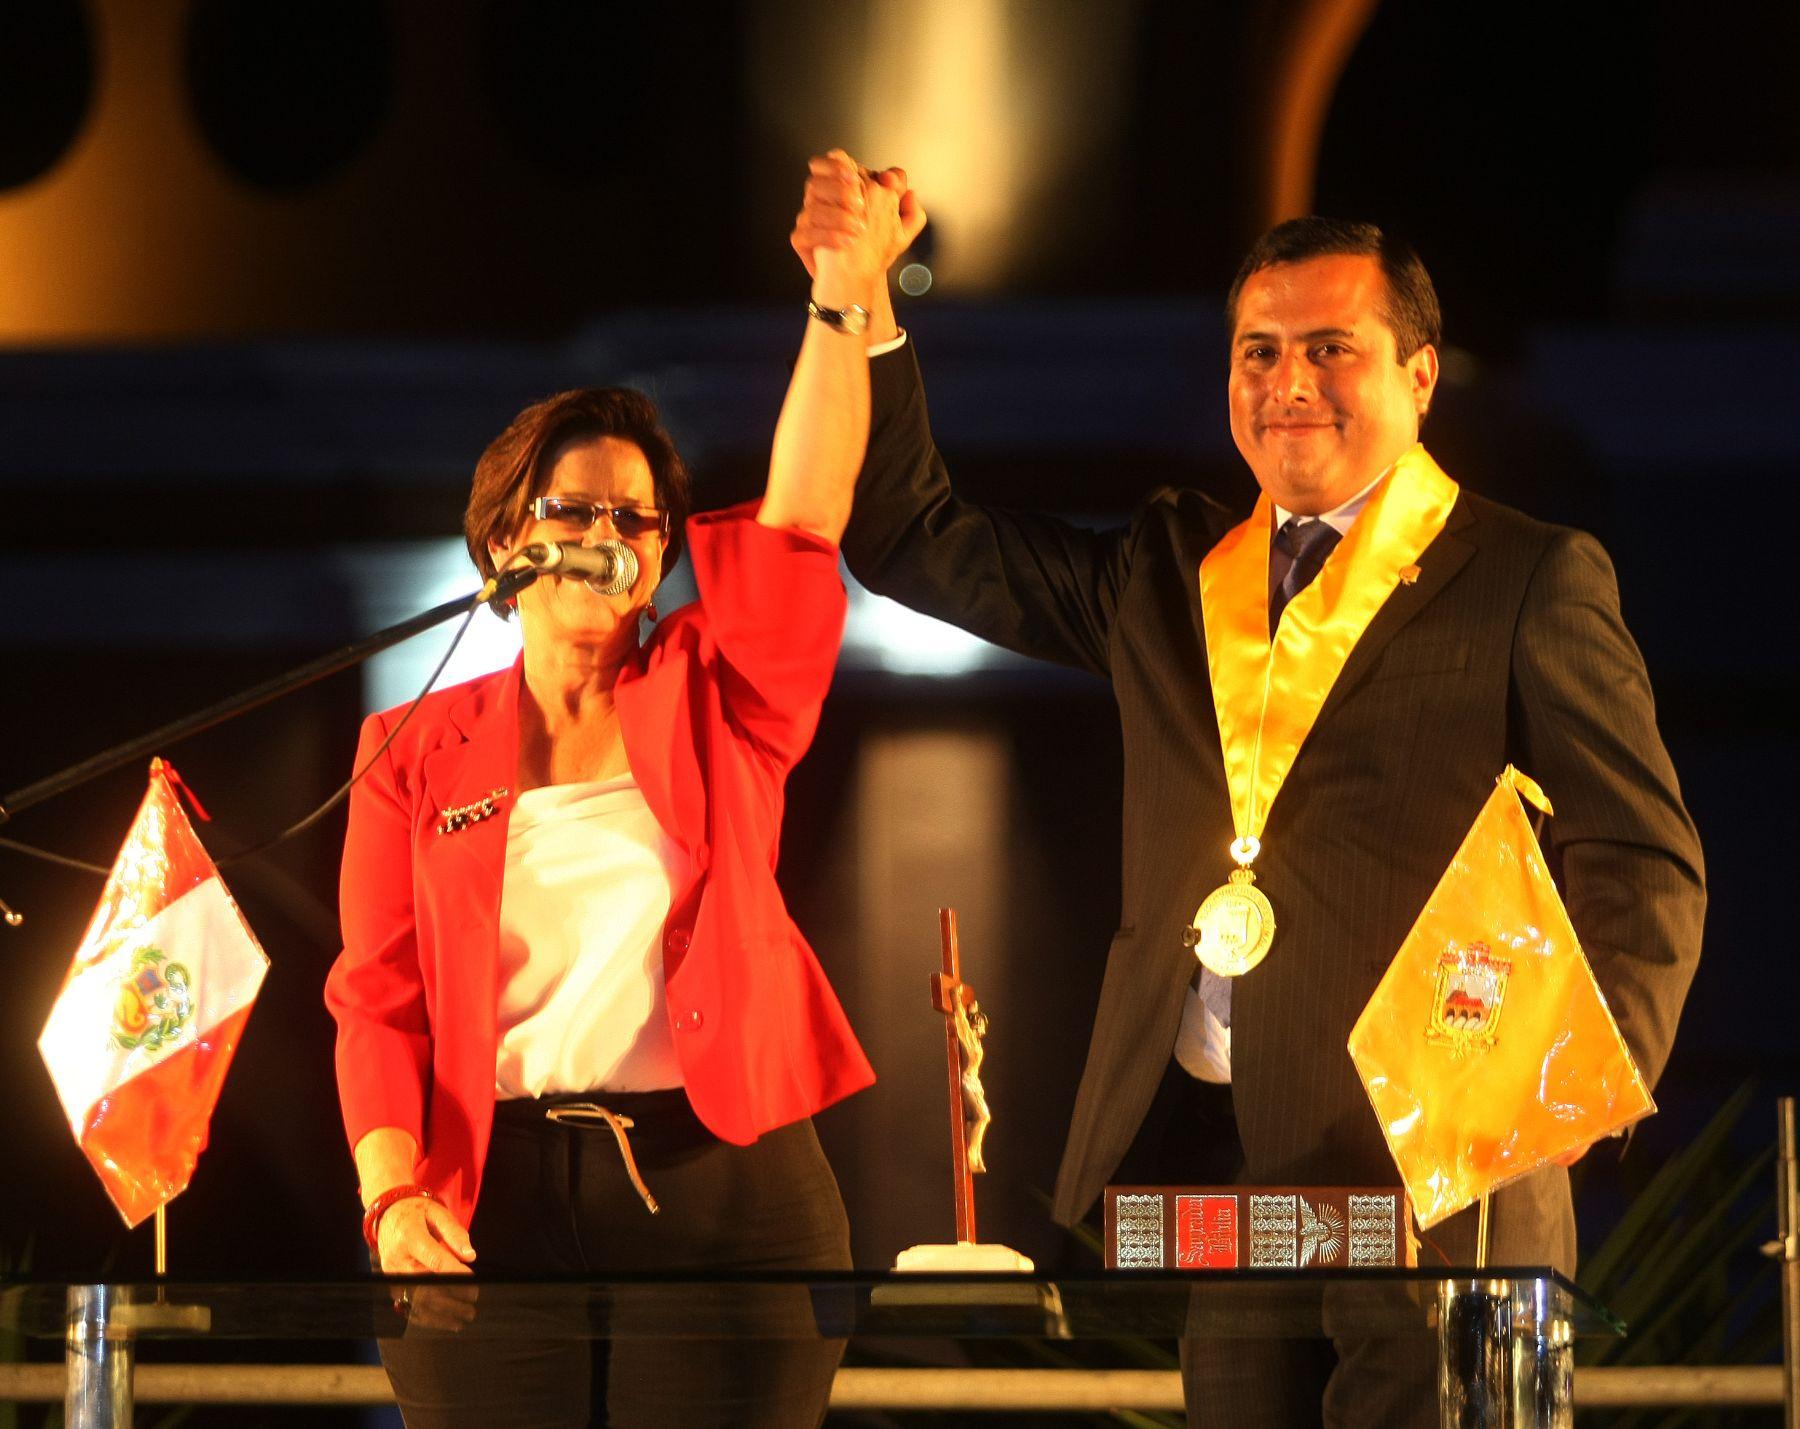 Juramentación de alcalde de Rimac Foto: ANDINA/Vidal Tarqui